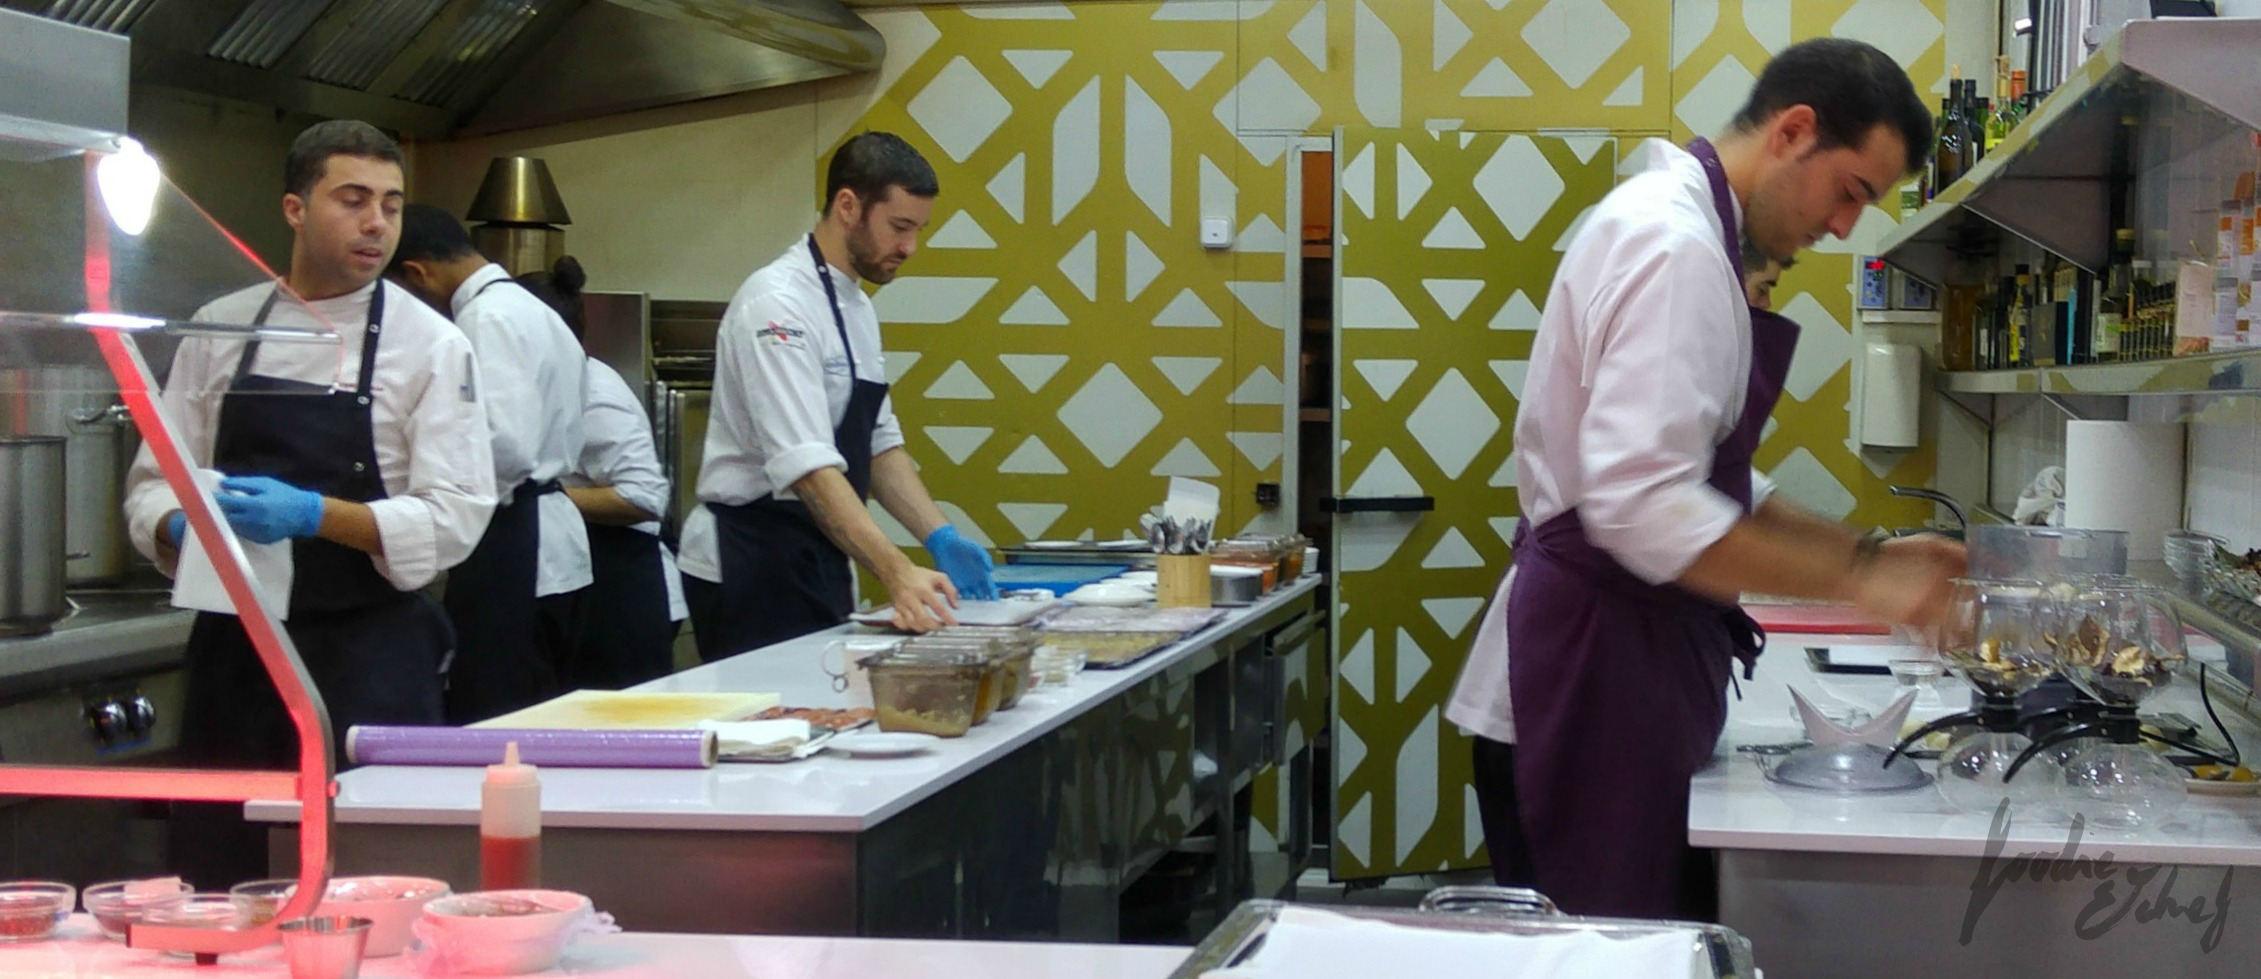 Coque donde todo comienza foodie chef for Todo para la cocina